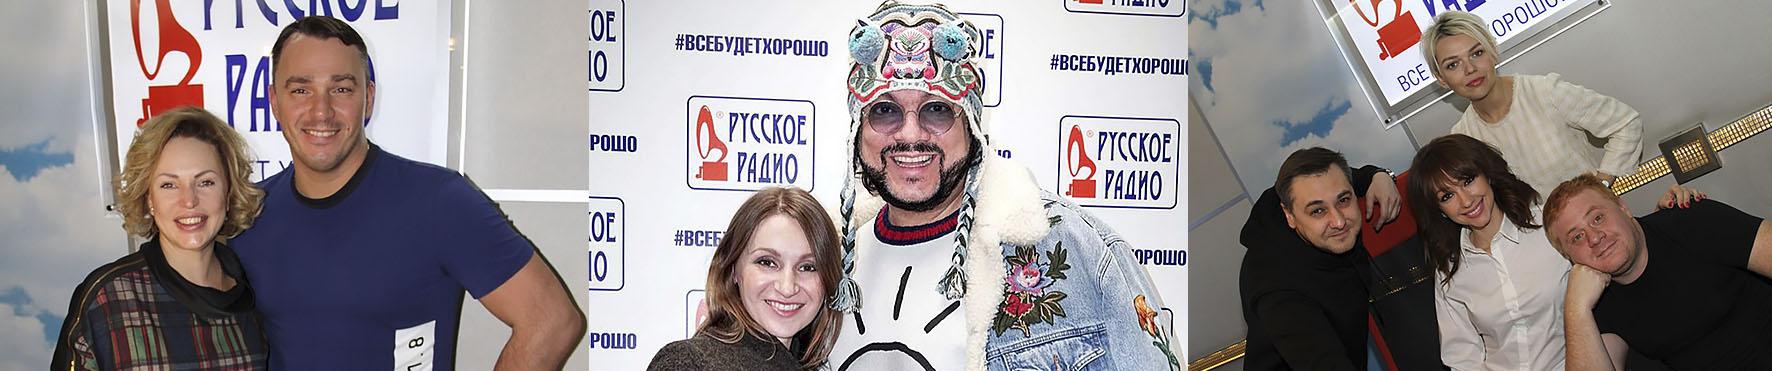 Реклама на Русское радио Владикавказ Осетия